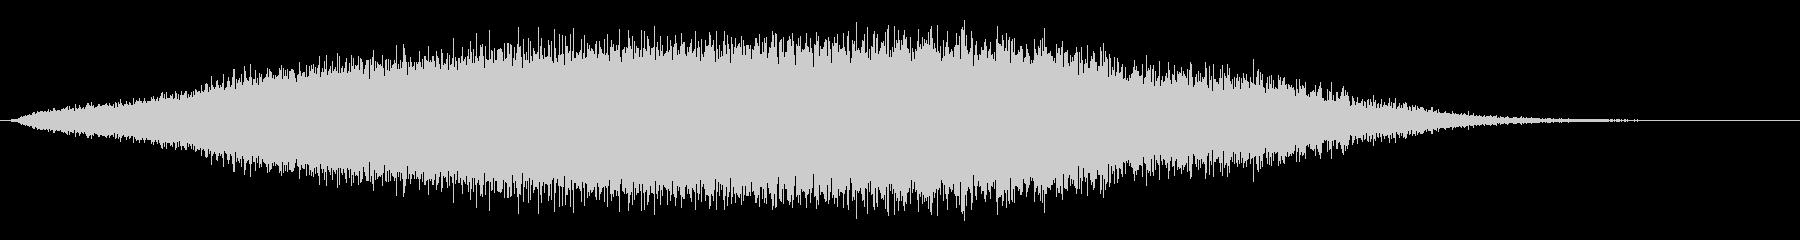 素材 ノイズスピンダウンドロップ01の未再生の波形